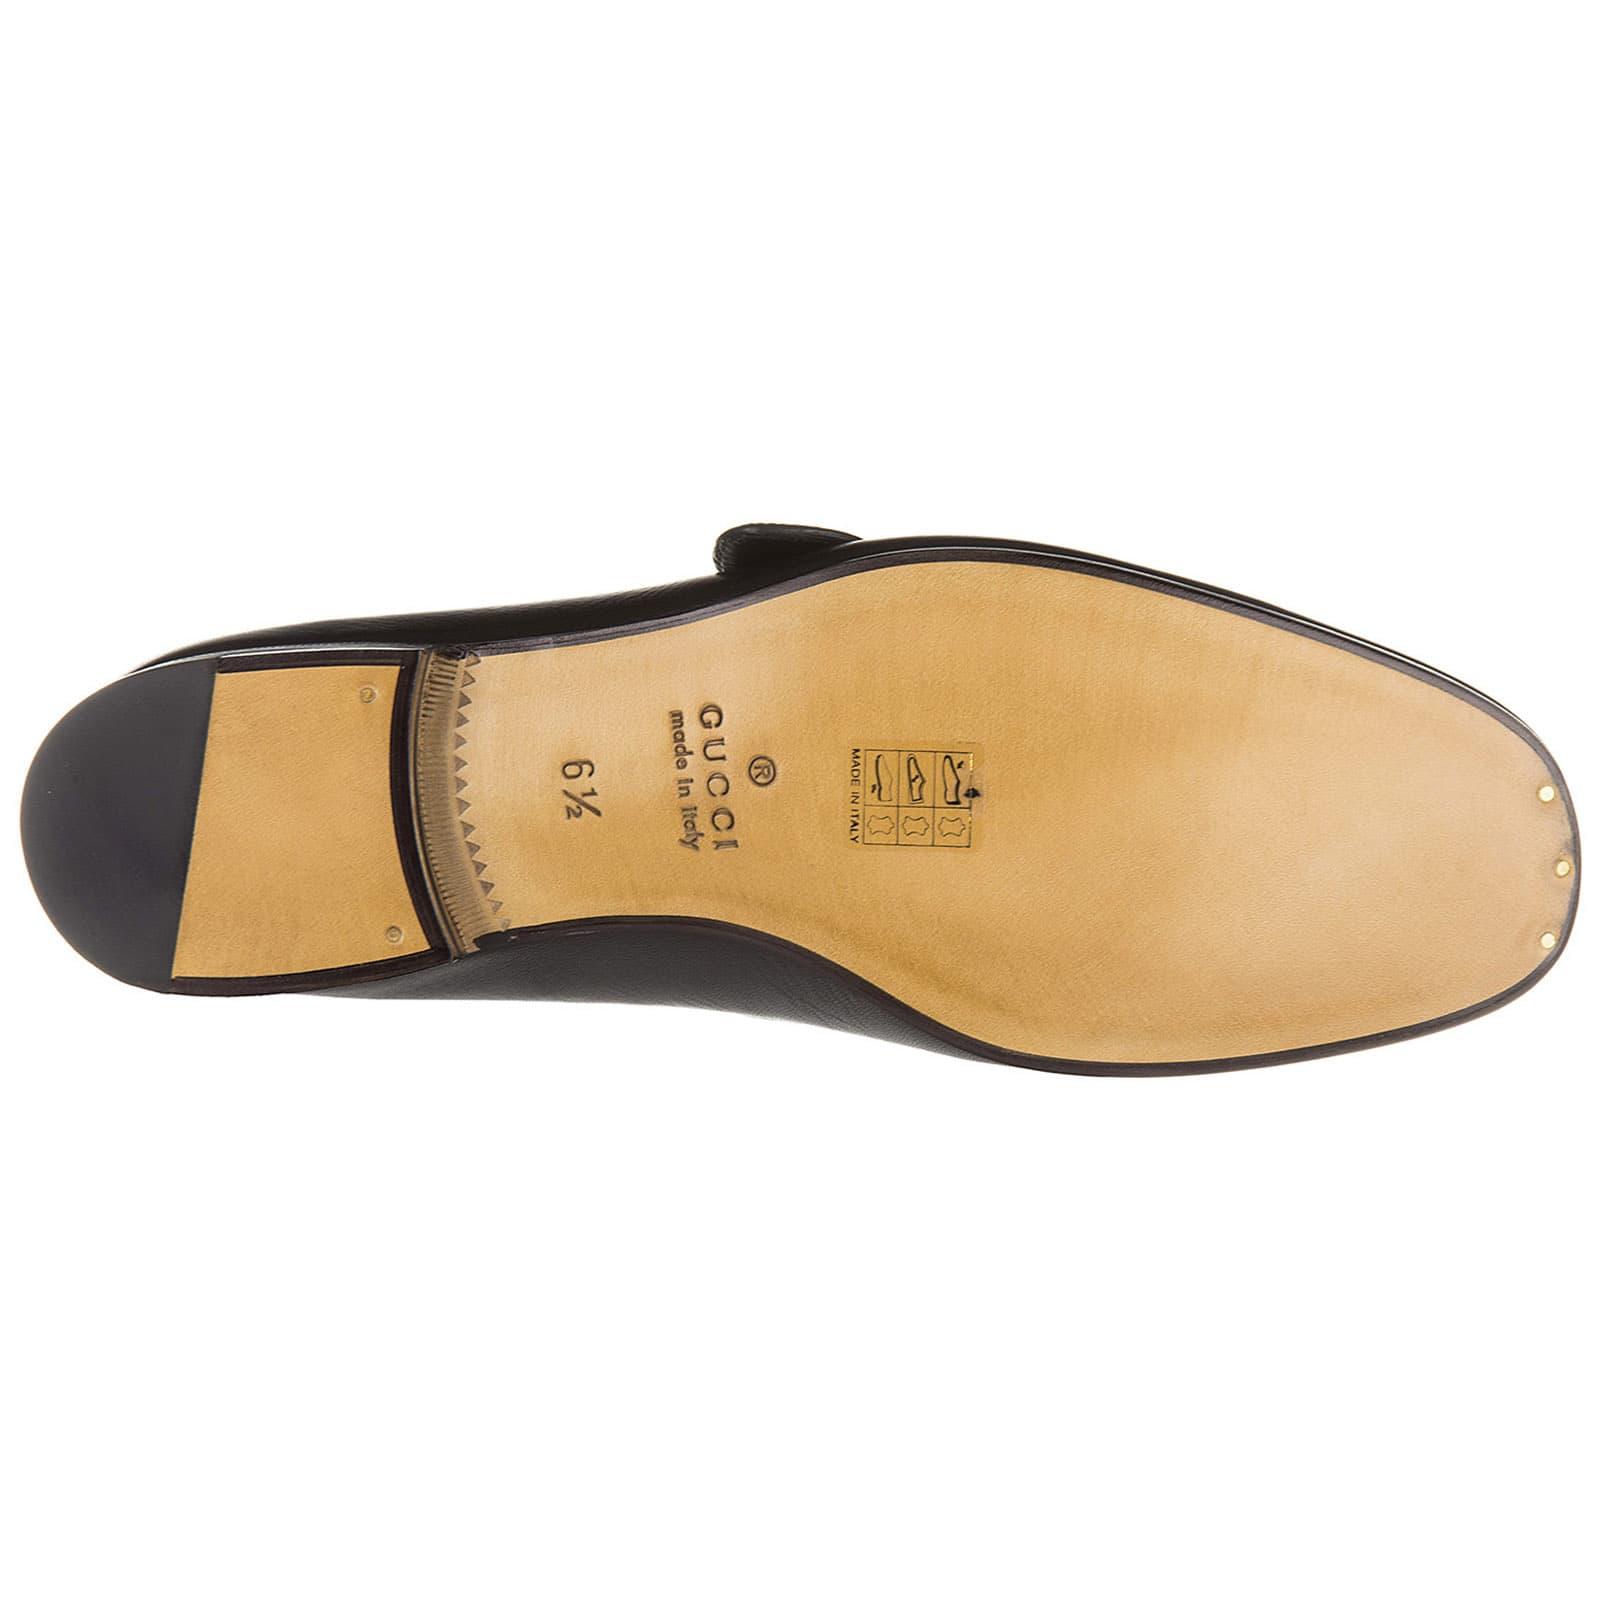 1e16babcd Gucci Gucci Leather Loafers Moccasins Quentin - Nero - 11002258 ...